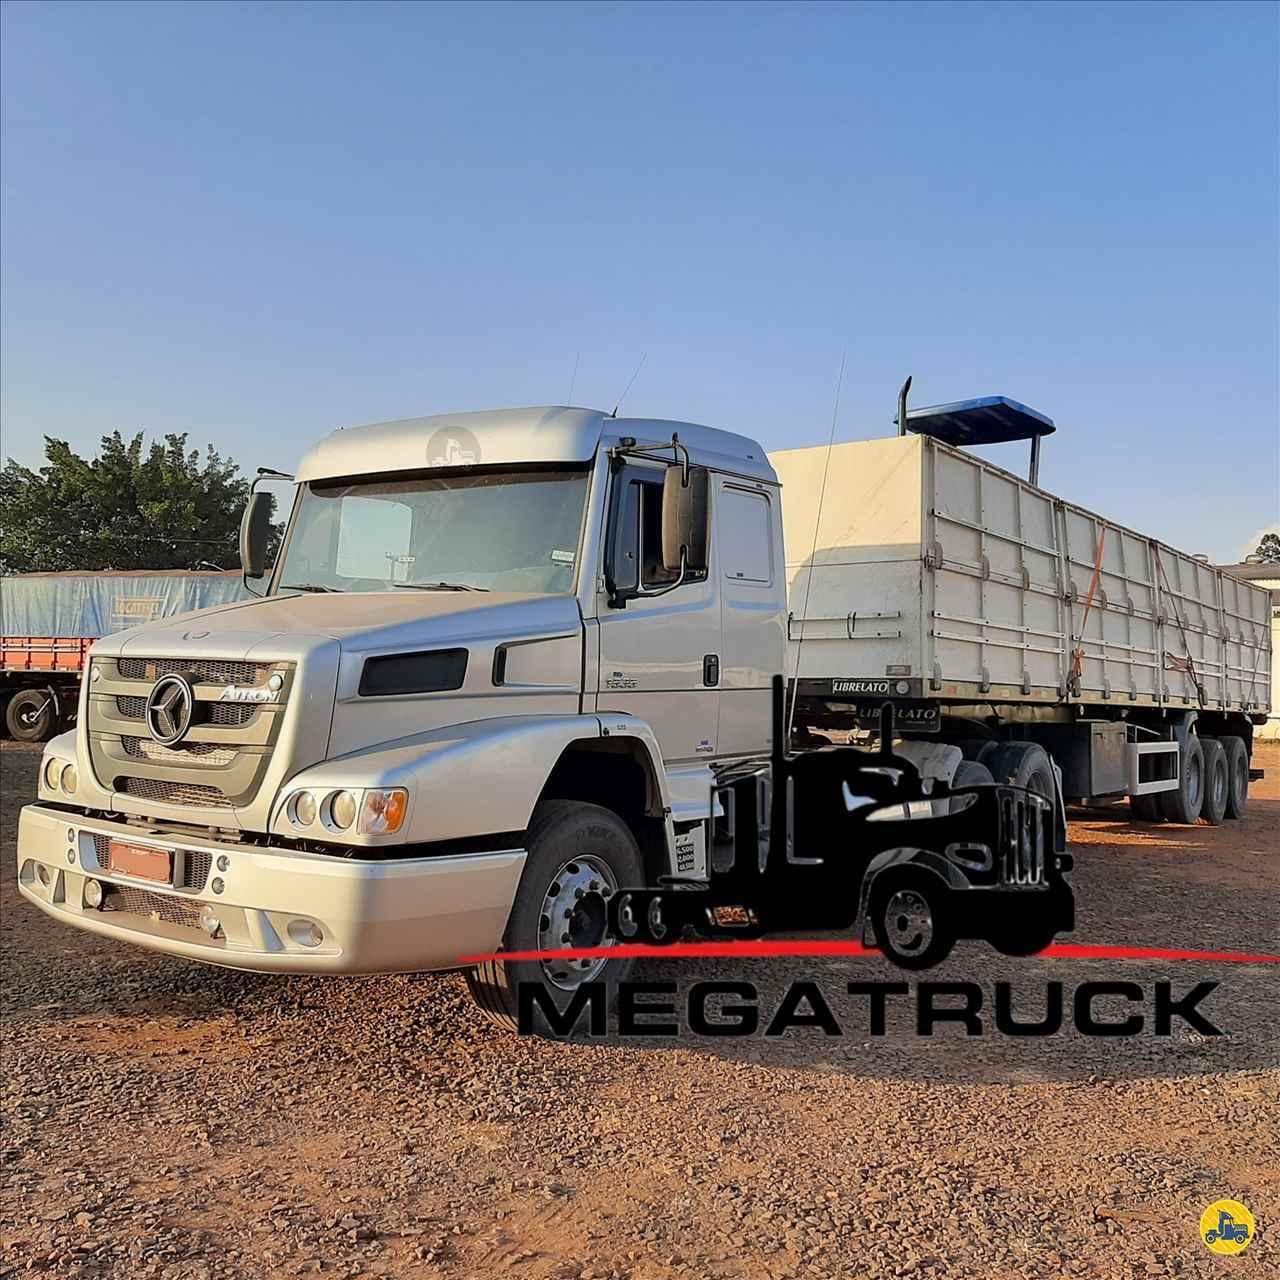 CAMINHAO MERCEDES-BENZ MB 1635 Cavalo Mecânico Truck 6x2 Megatruck Caminhões e Máquinas CAMPO GRANDE MATO GROSSO DO SUL MS